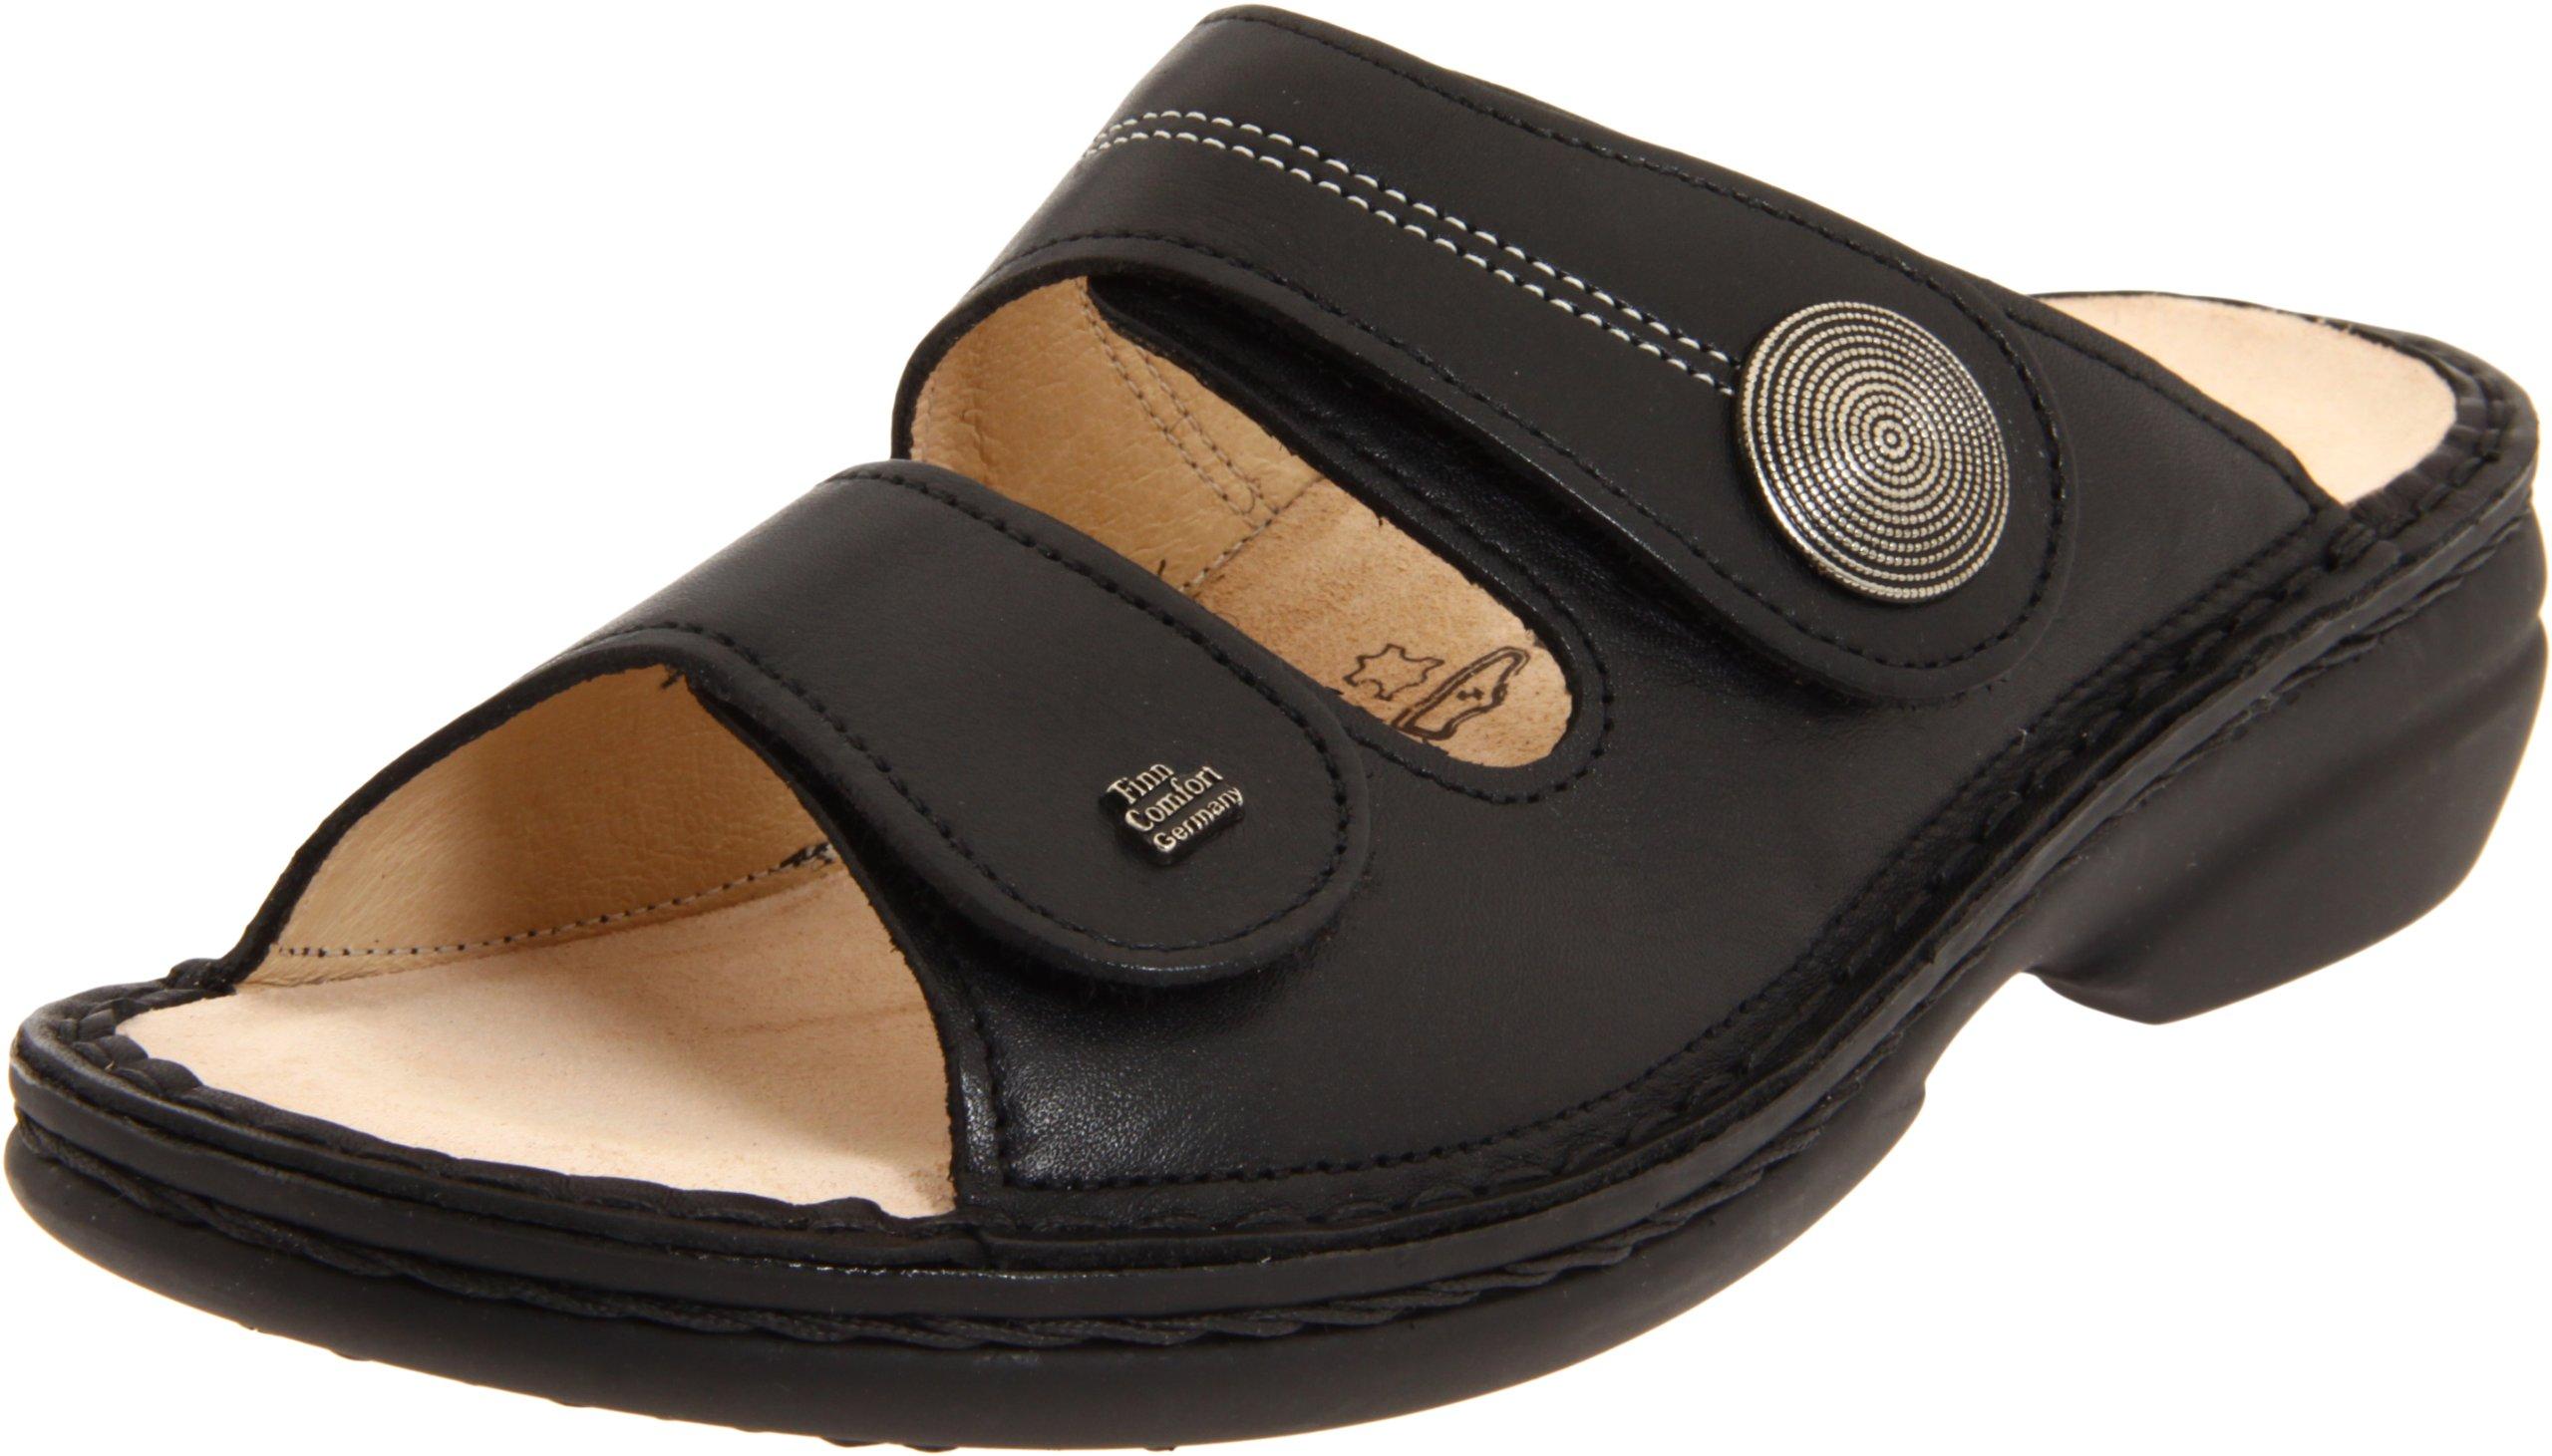 Finn Comfort Sansibar-82550, Black Nappa 35 (US Women's 4.5-5) Medium